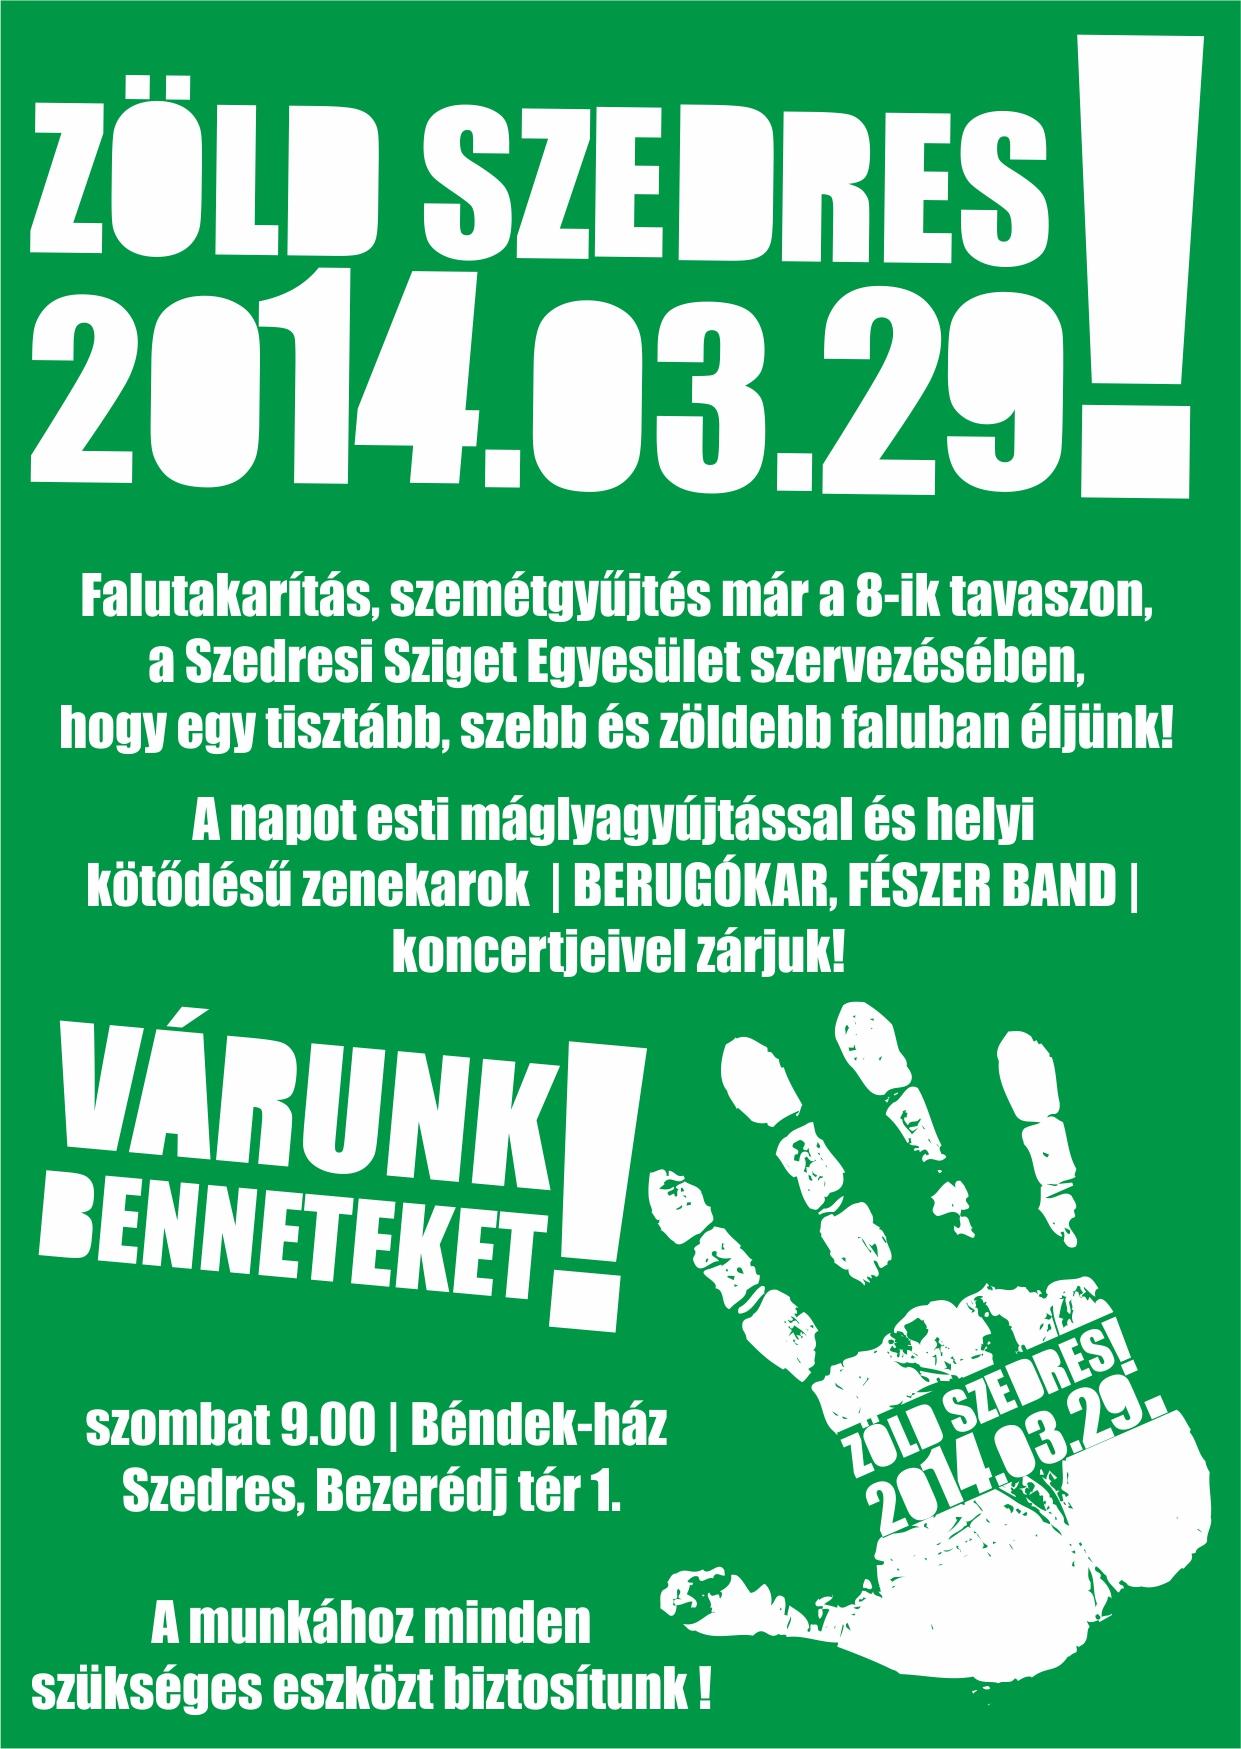 zöld_szedres_fb2.jpg